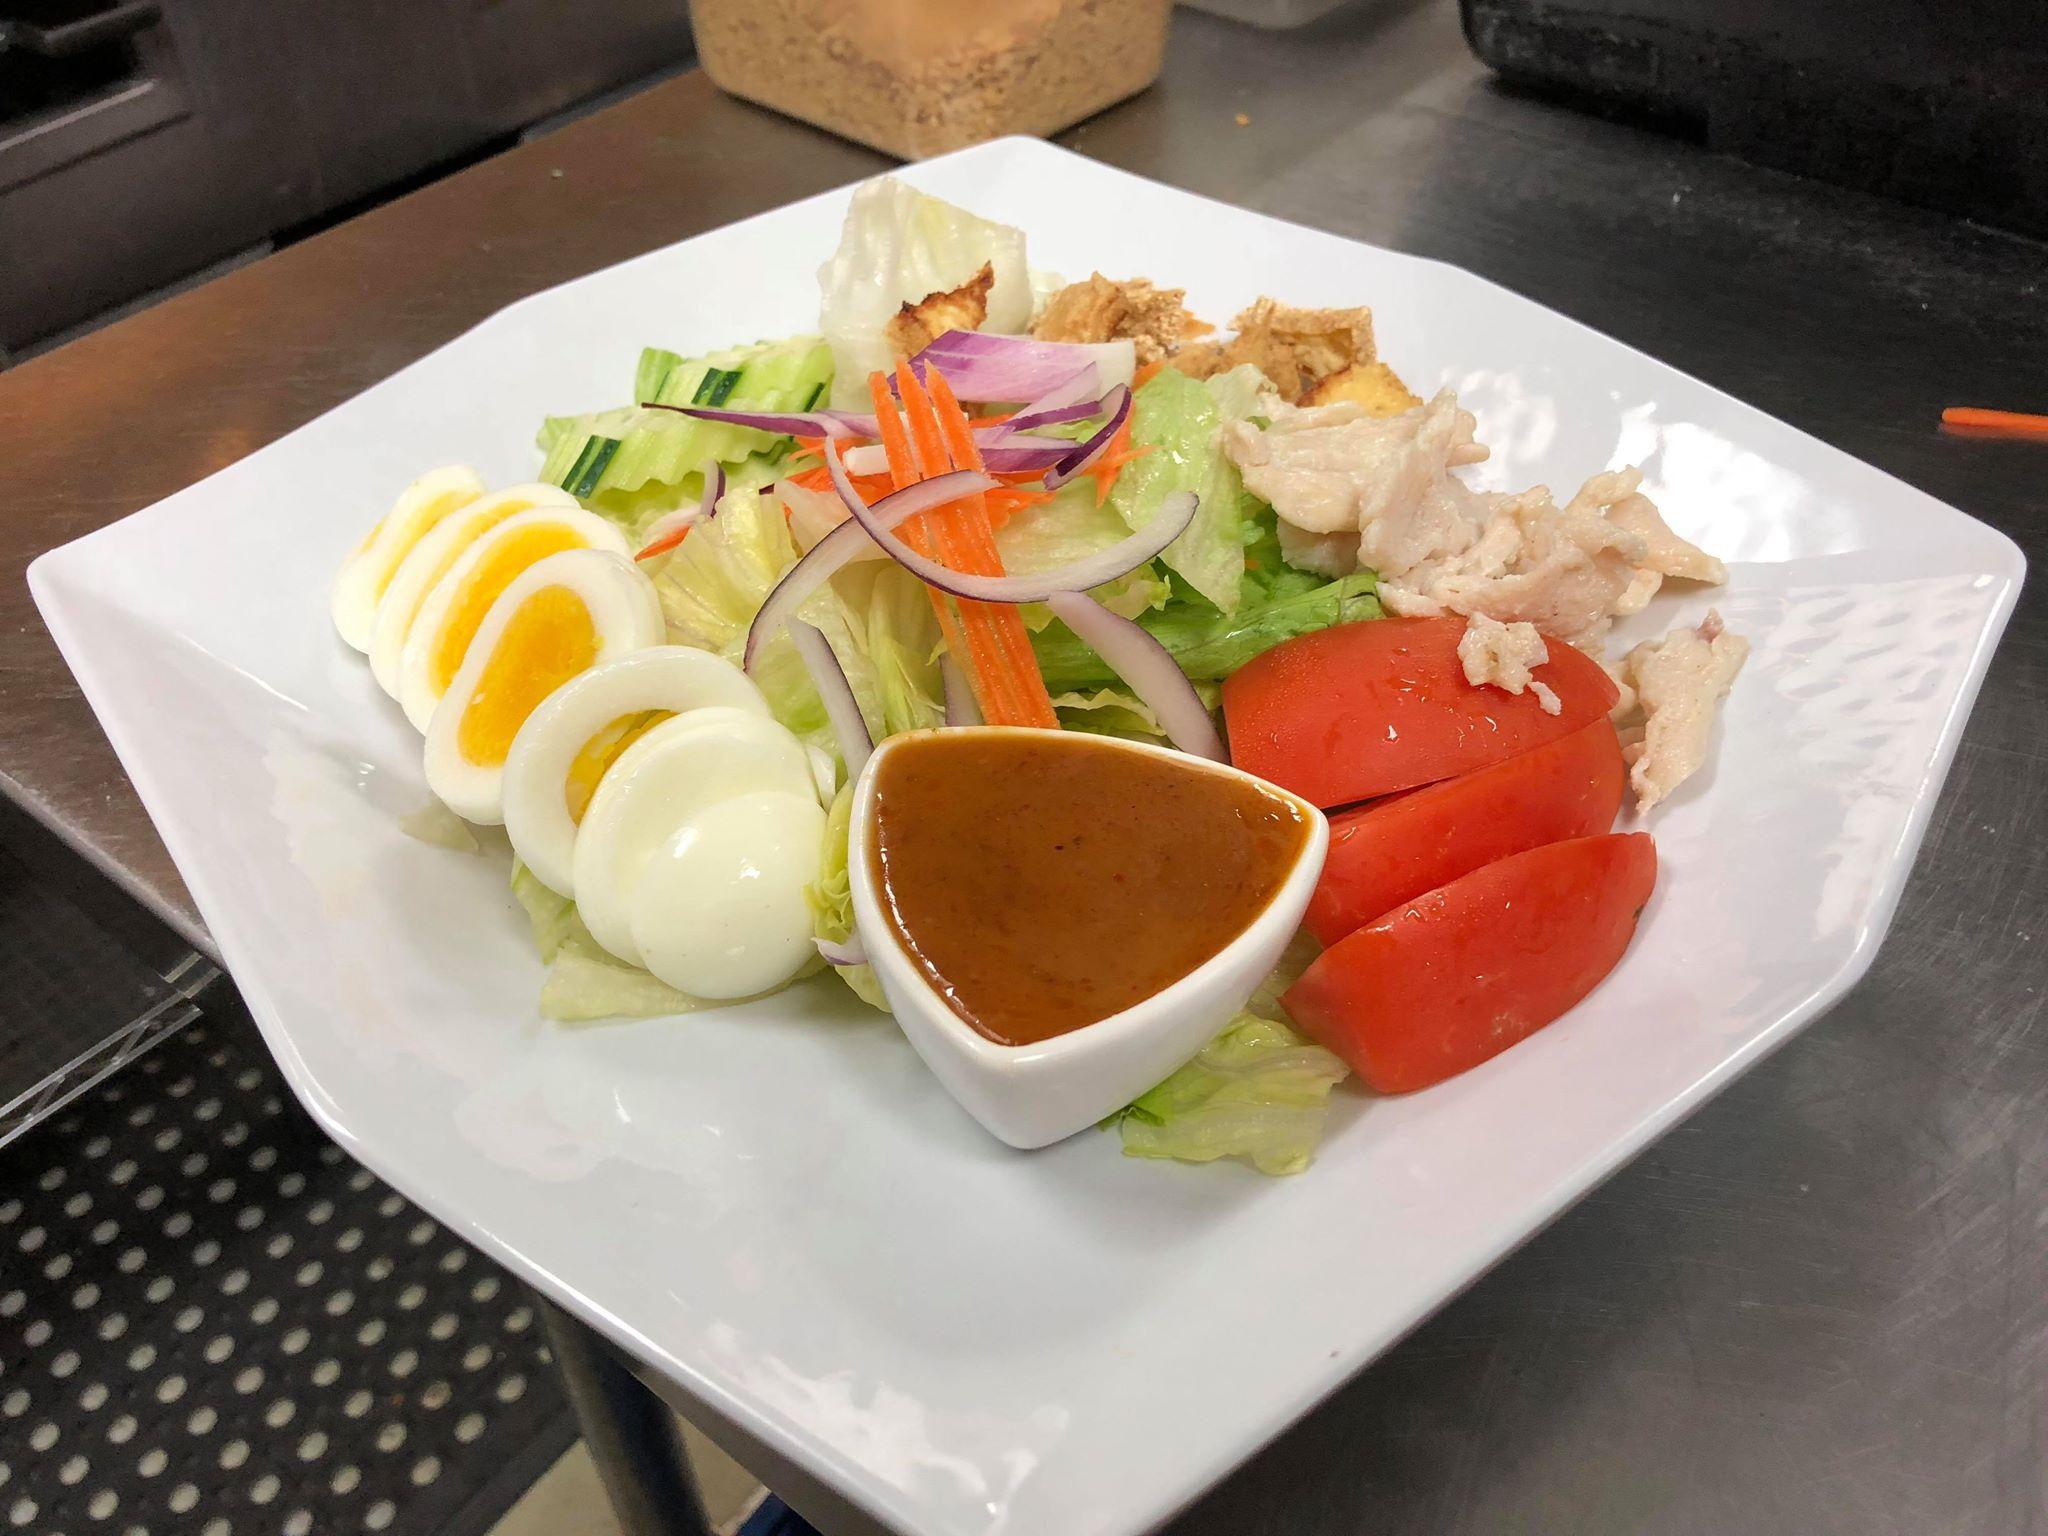 Thai Spoon Salad Image